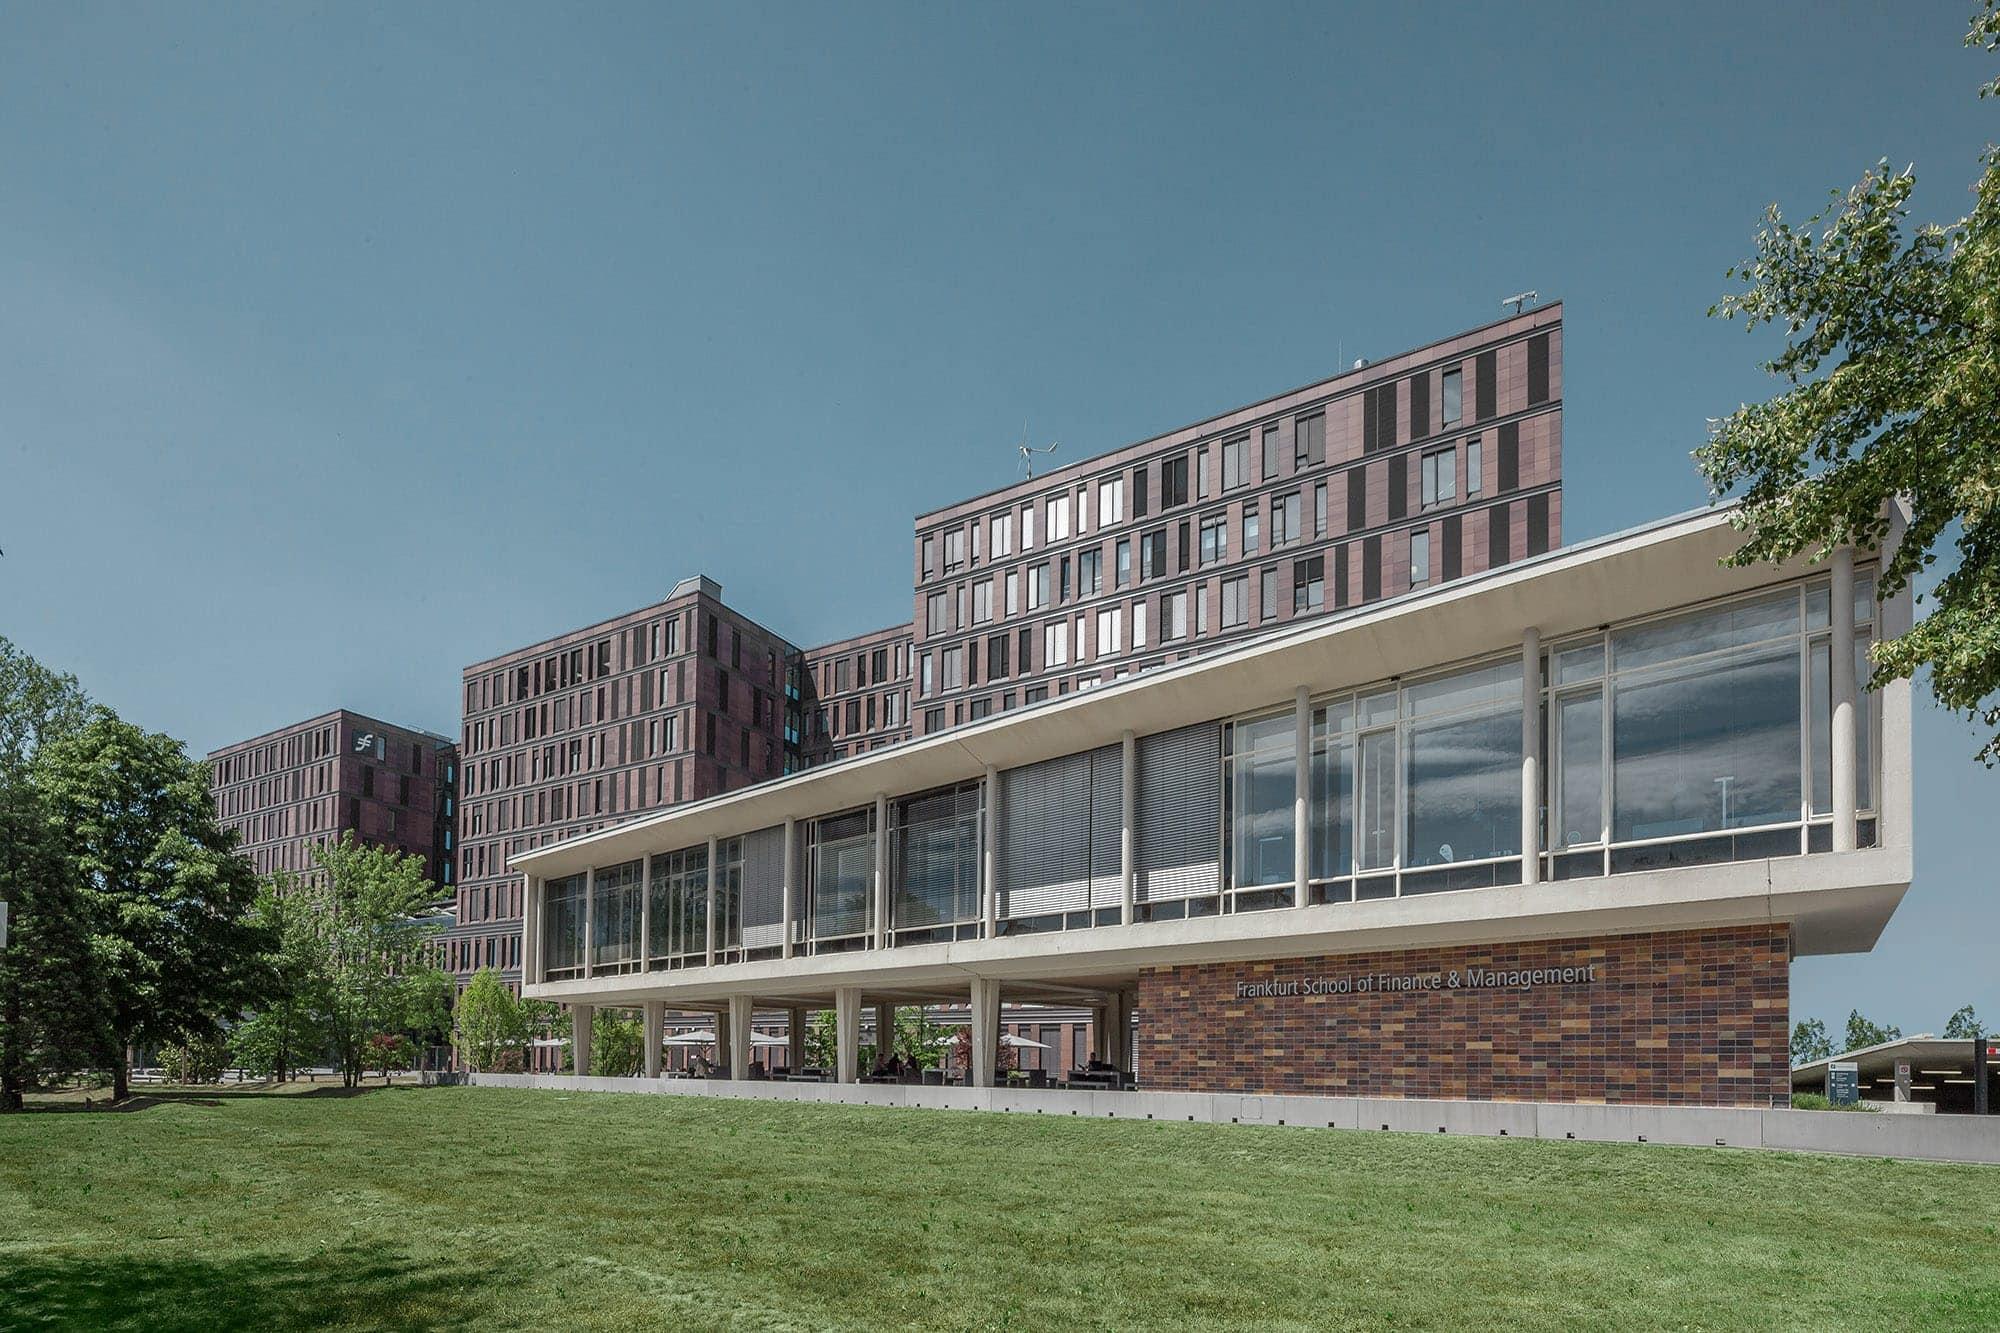 architekturfotografie der frankfurt school of finance